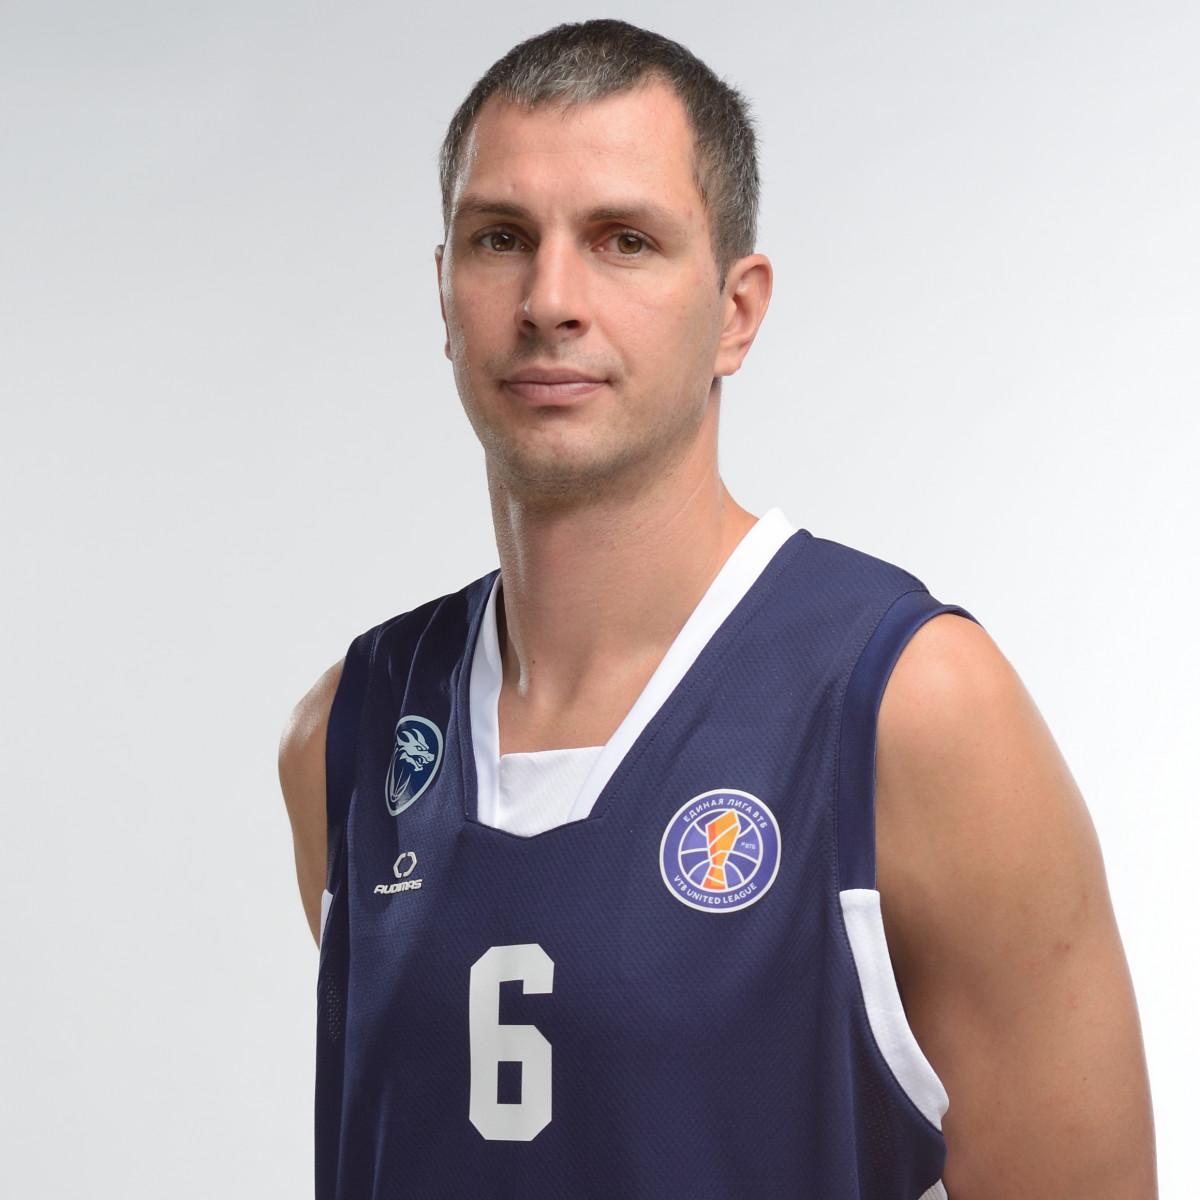 Photo of Aliaksei Trastsinetski, 2019-2020 season